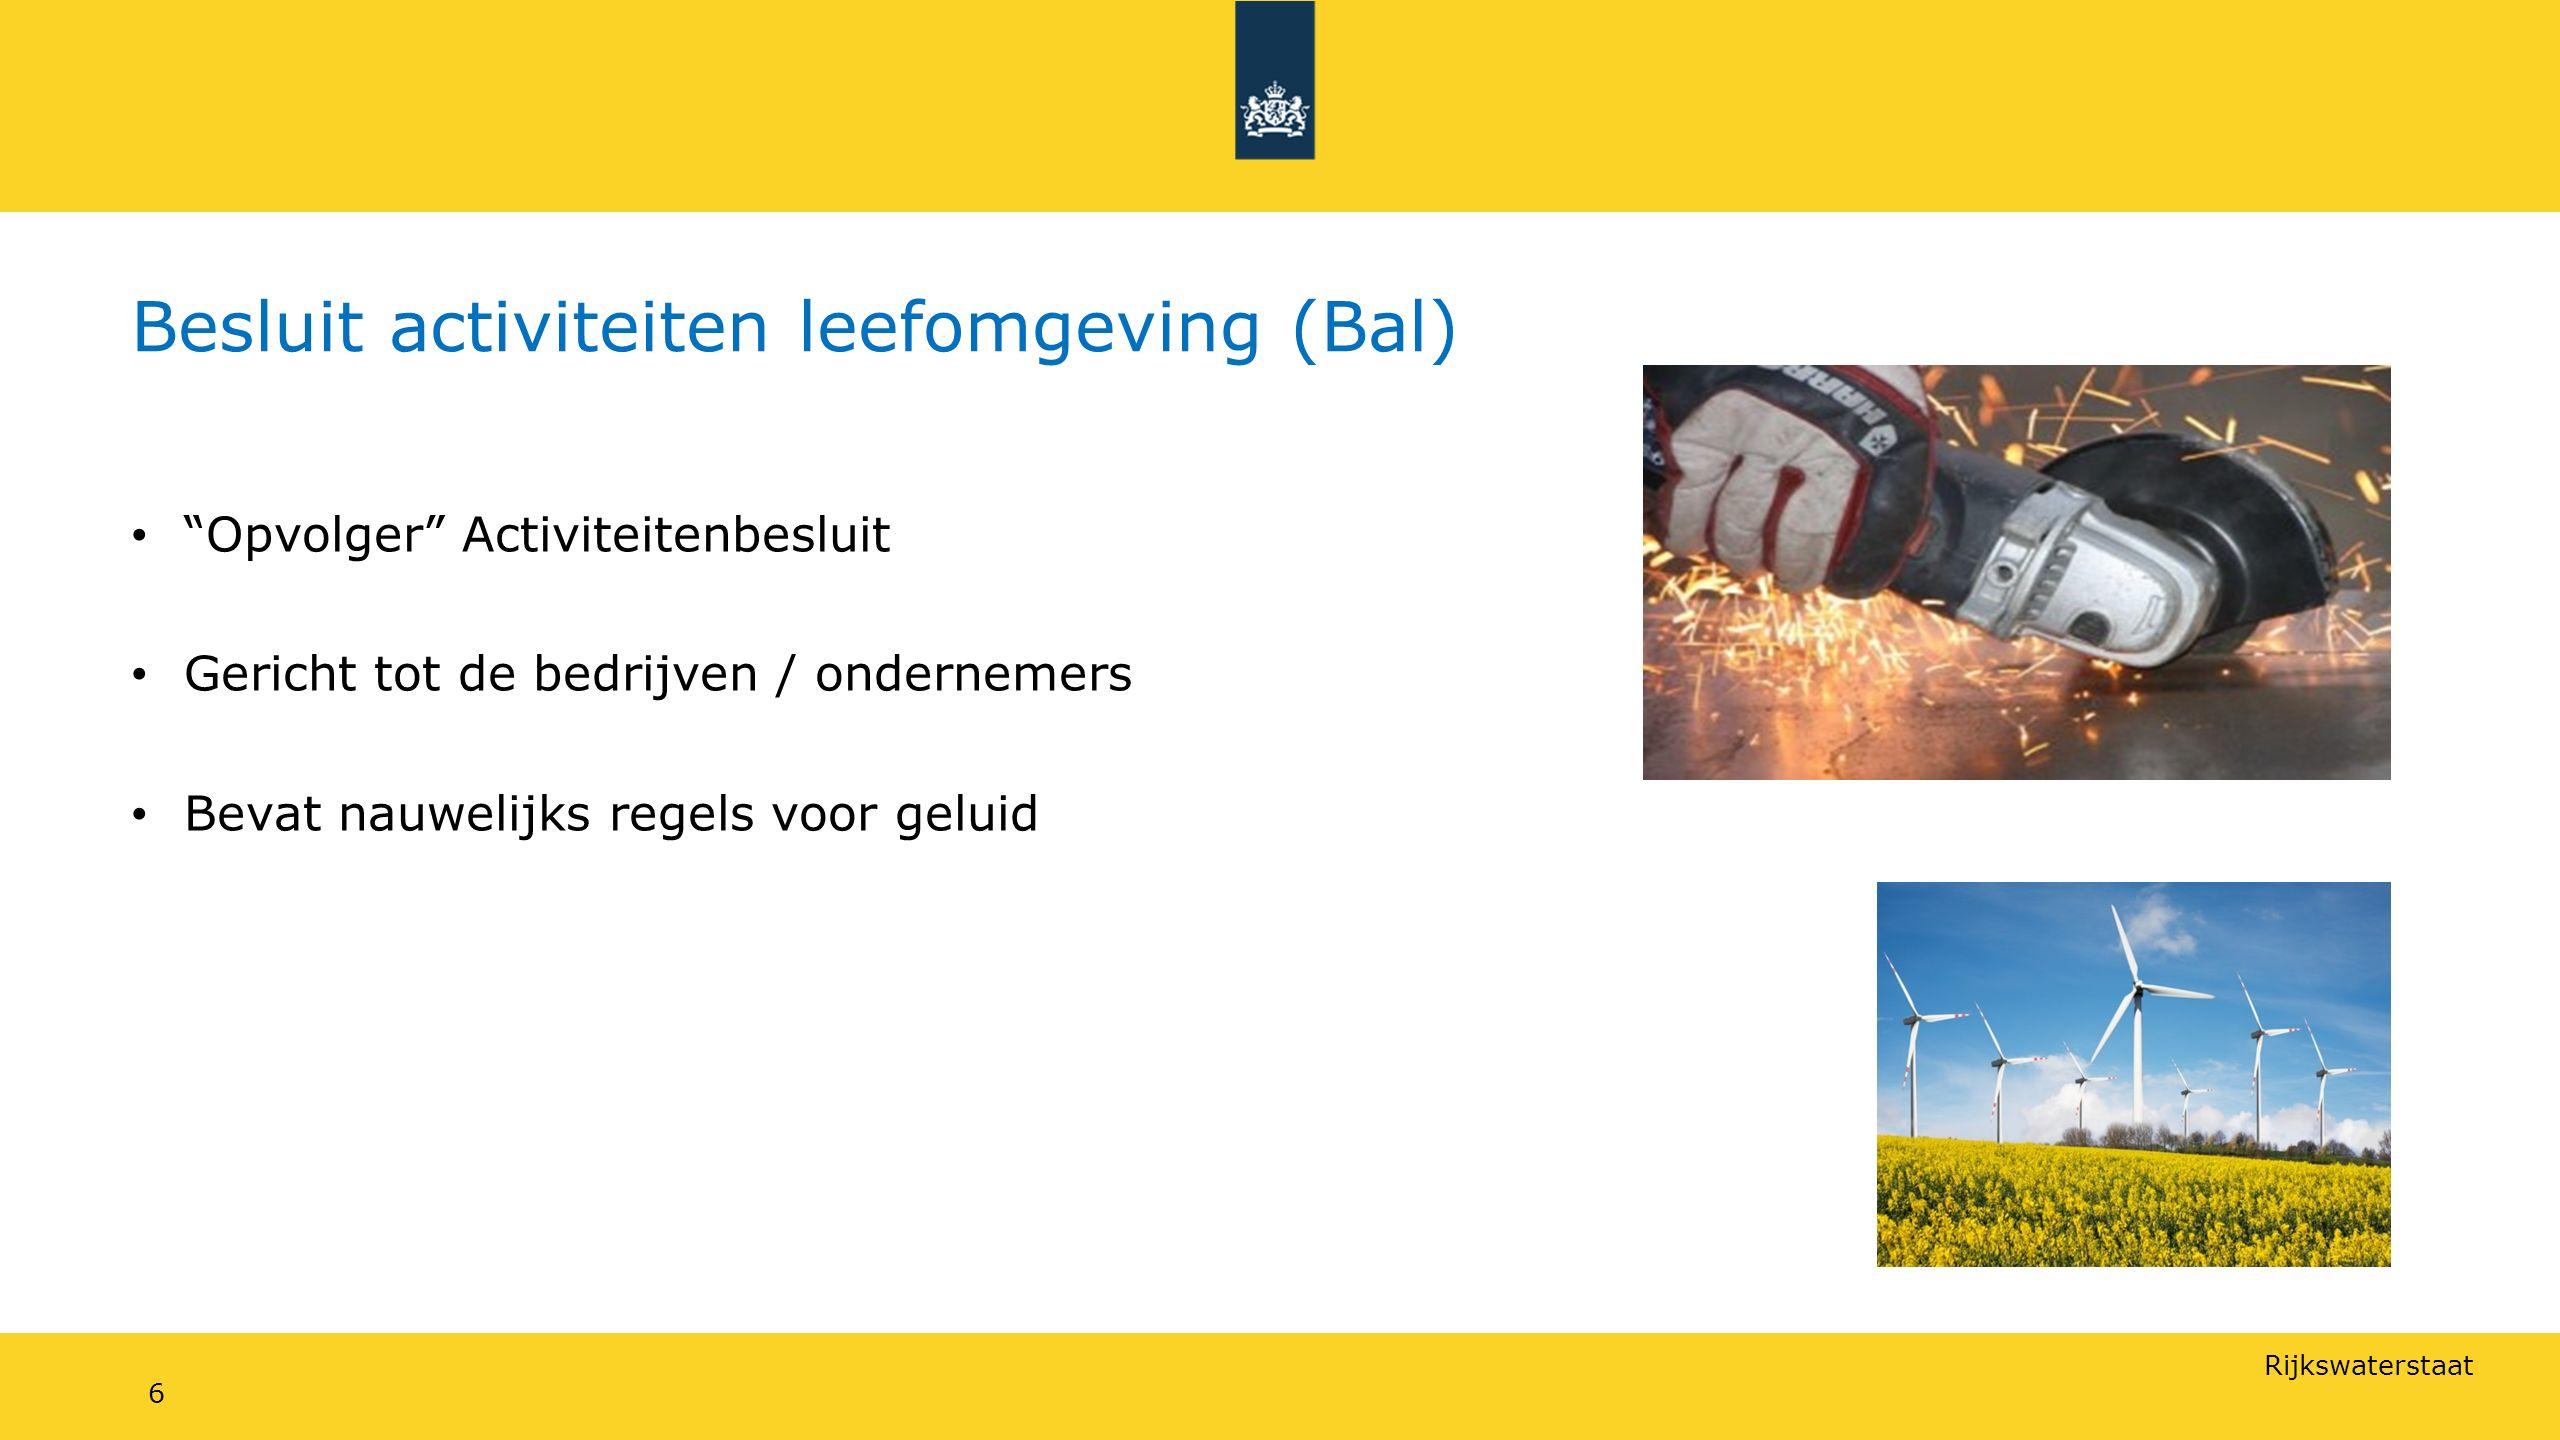 Rijkswaterstaat Besluit activiteiten leefomgeving (Bal) Opvolger Activiteitenbesluit Gericht tot de bedrijven / ondernemers Bevat nauwelijks regels voor geluid 6